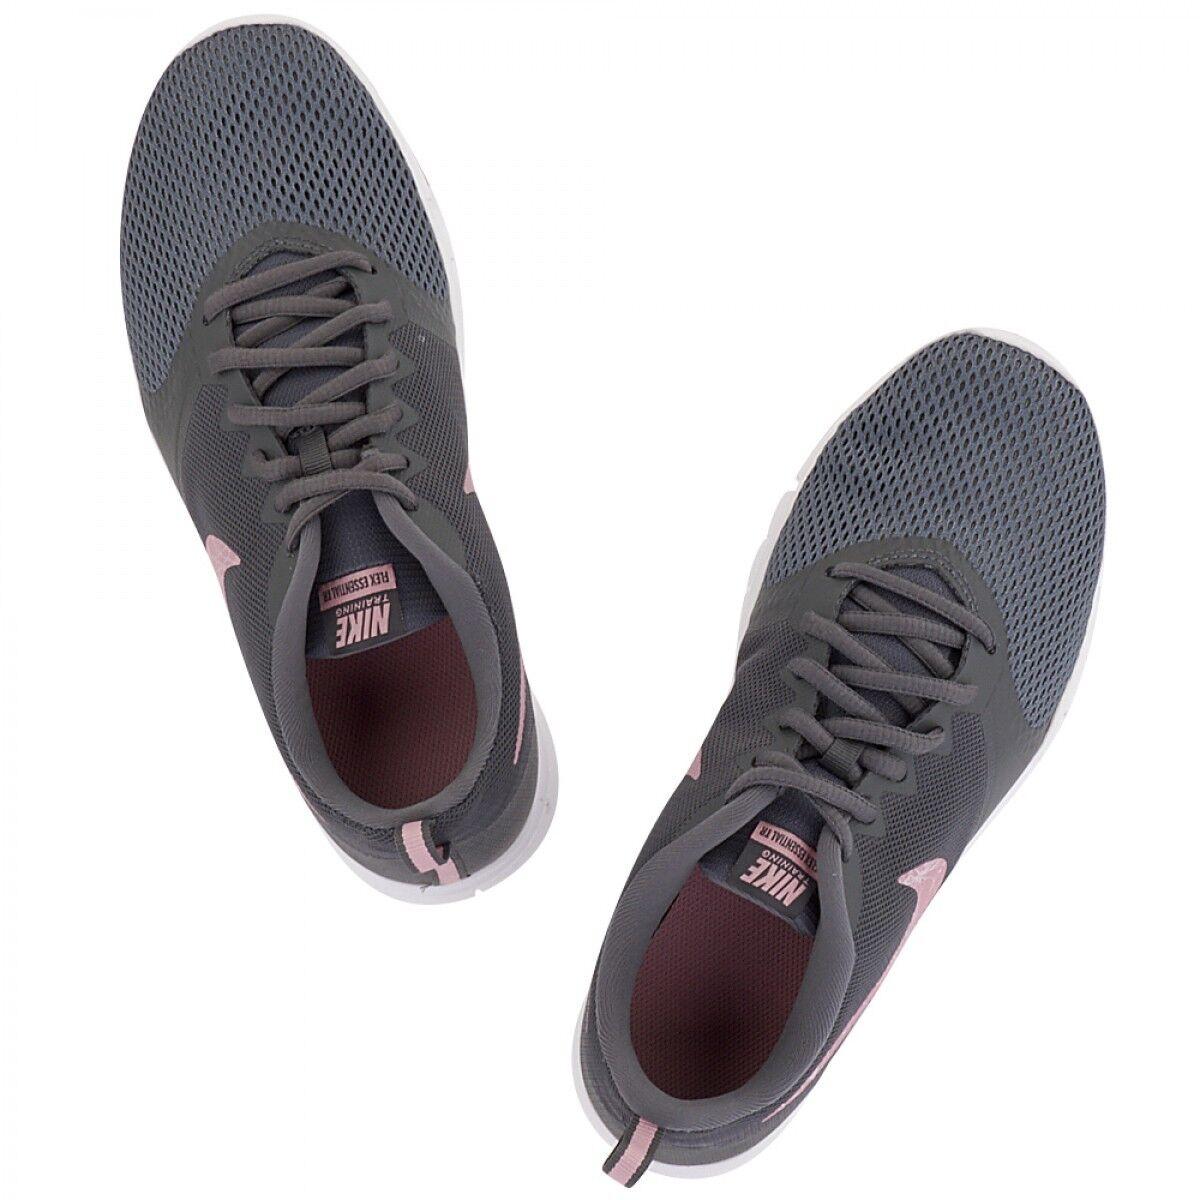 Nike flex wesentliche tr frauen schuhe (b) (b) (b) (060)außer  c314f9